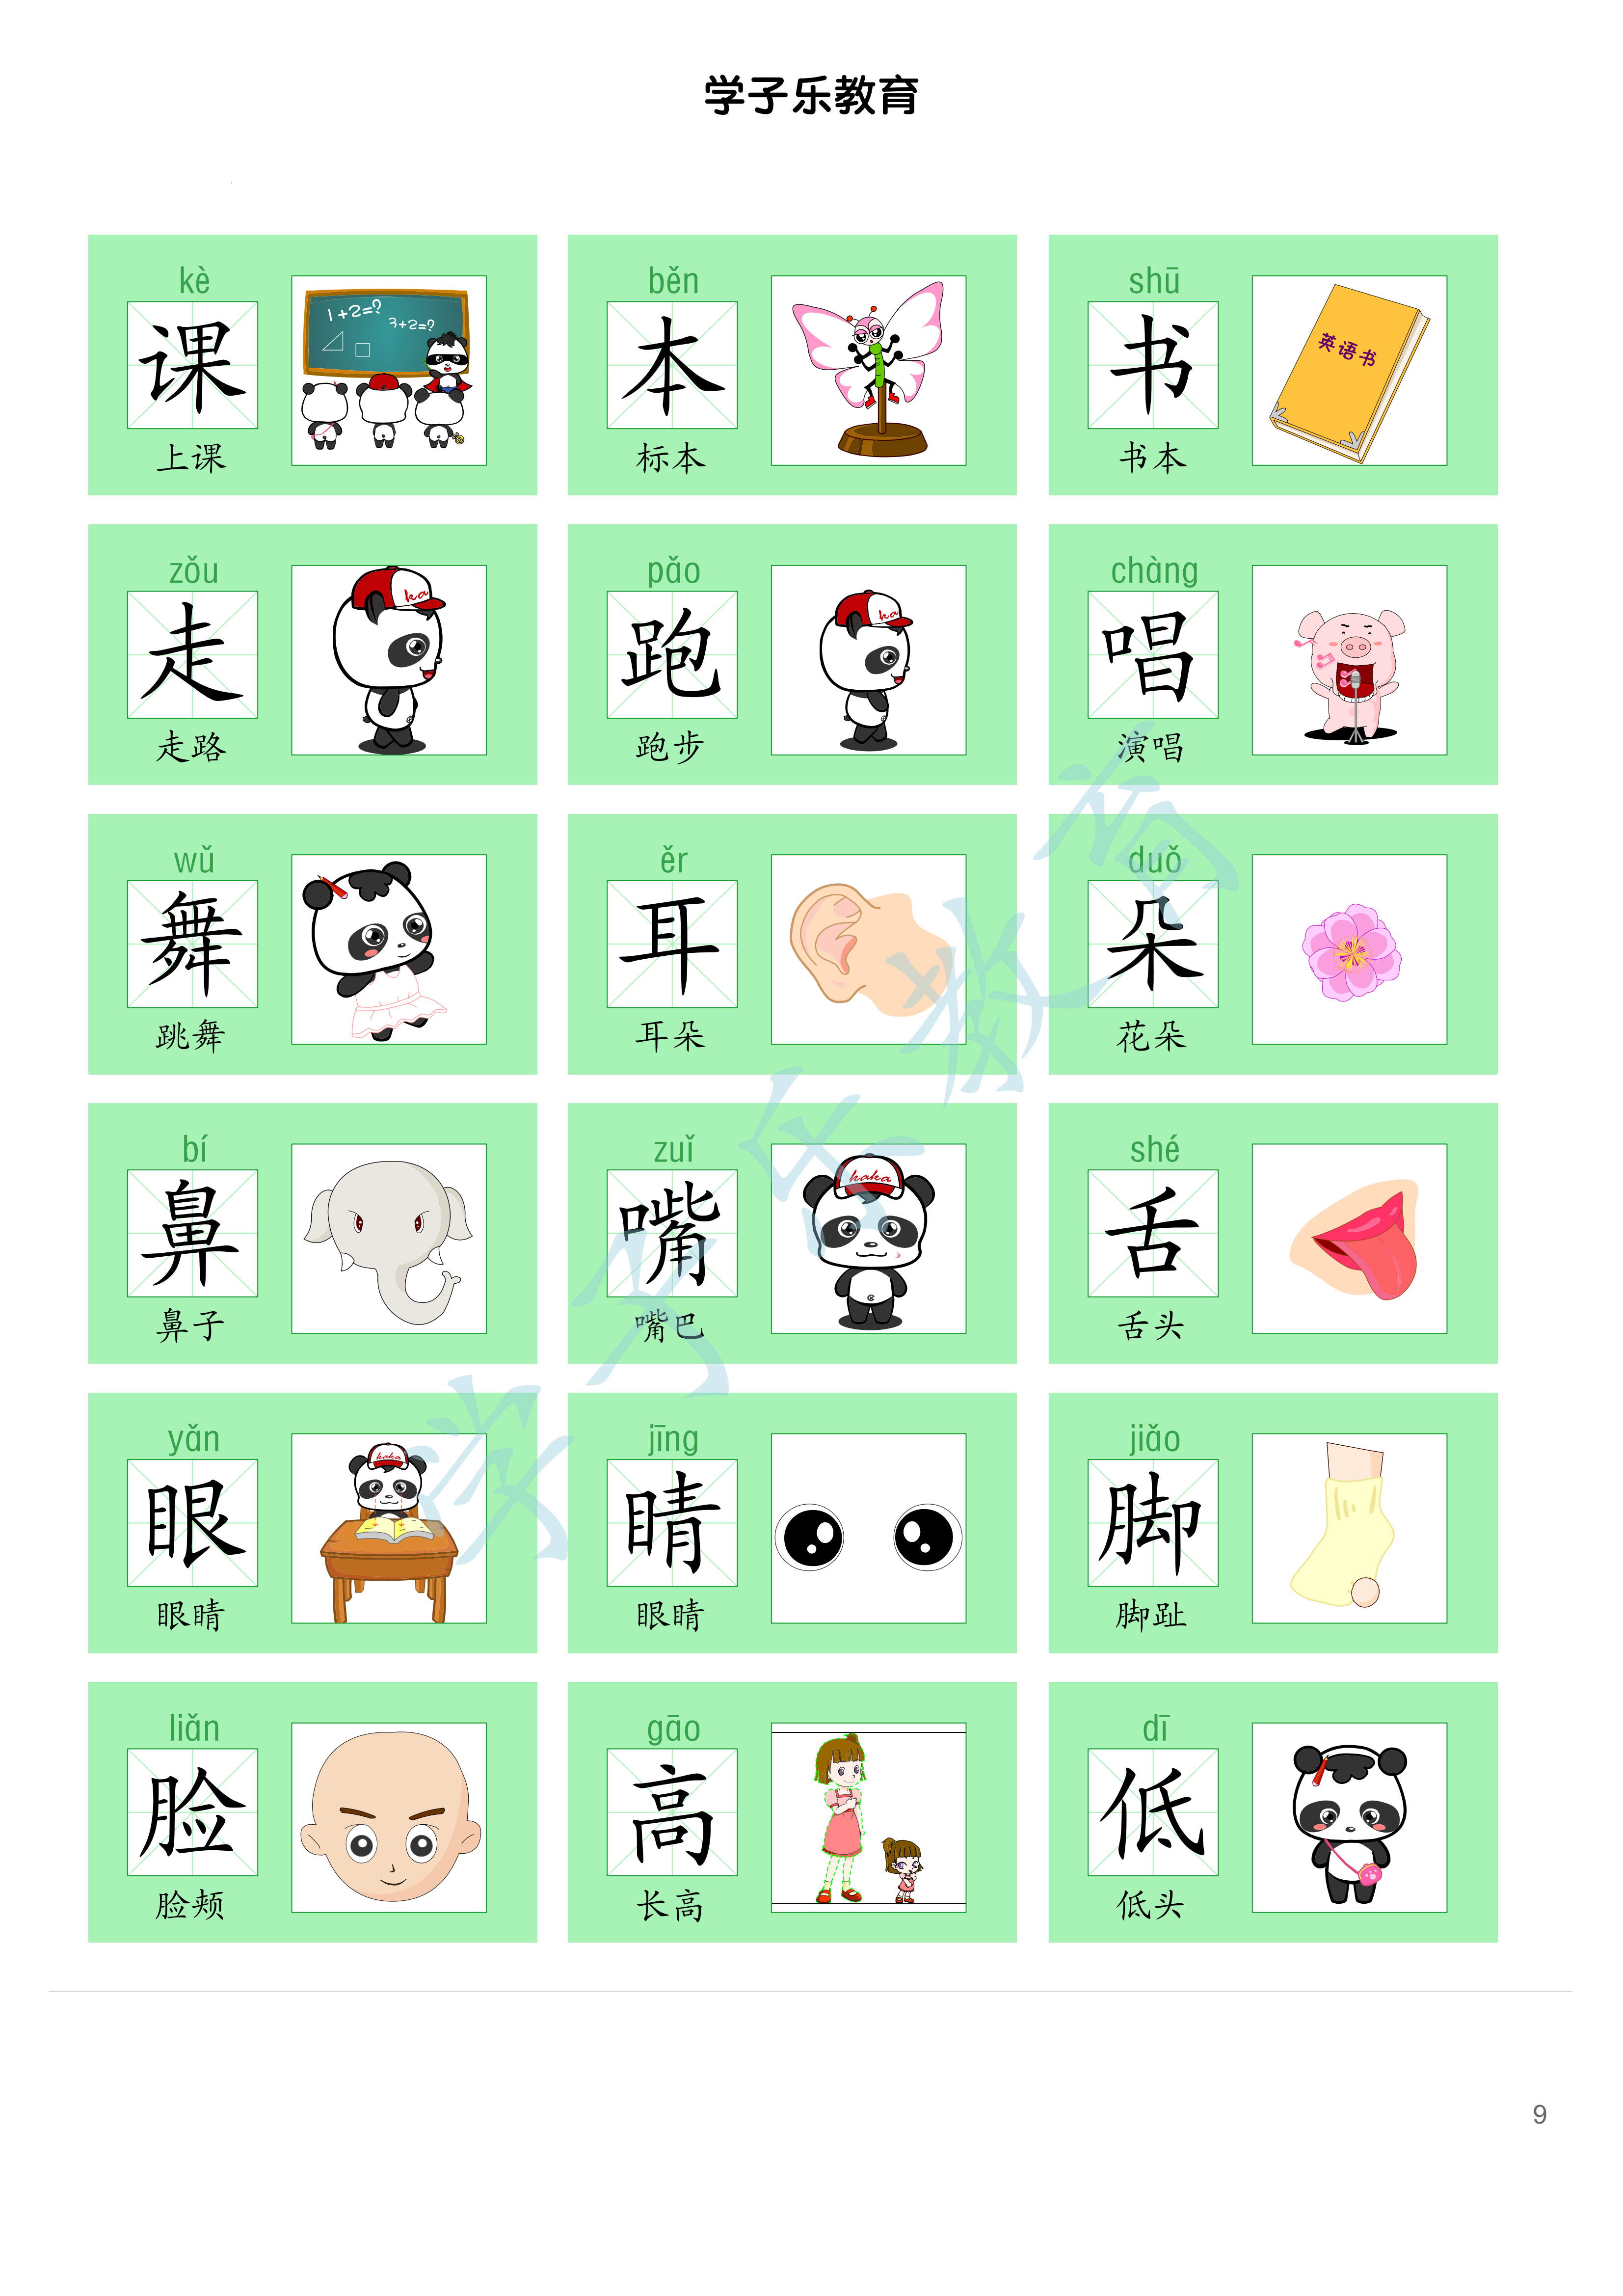 图文识字免费的软件(图文识字怎么用)插图8